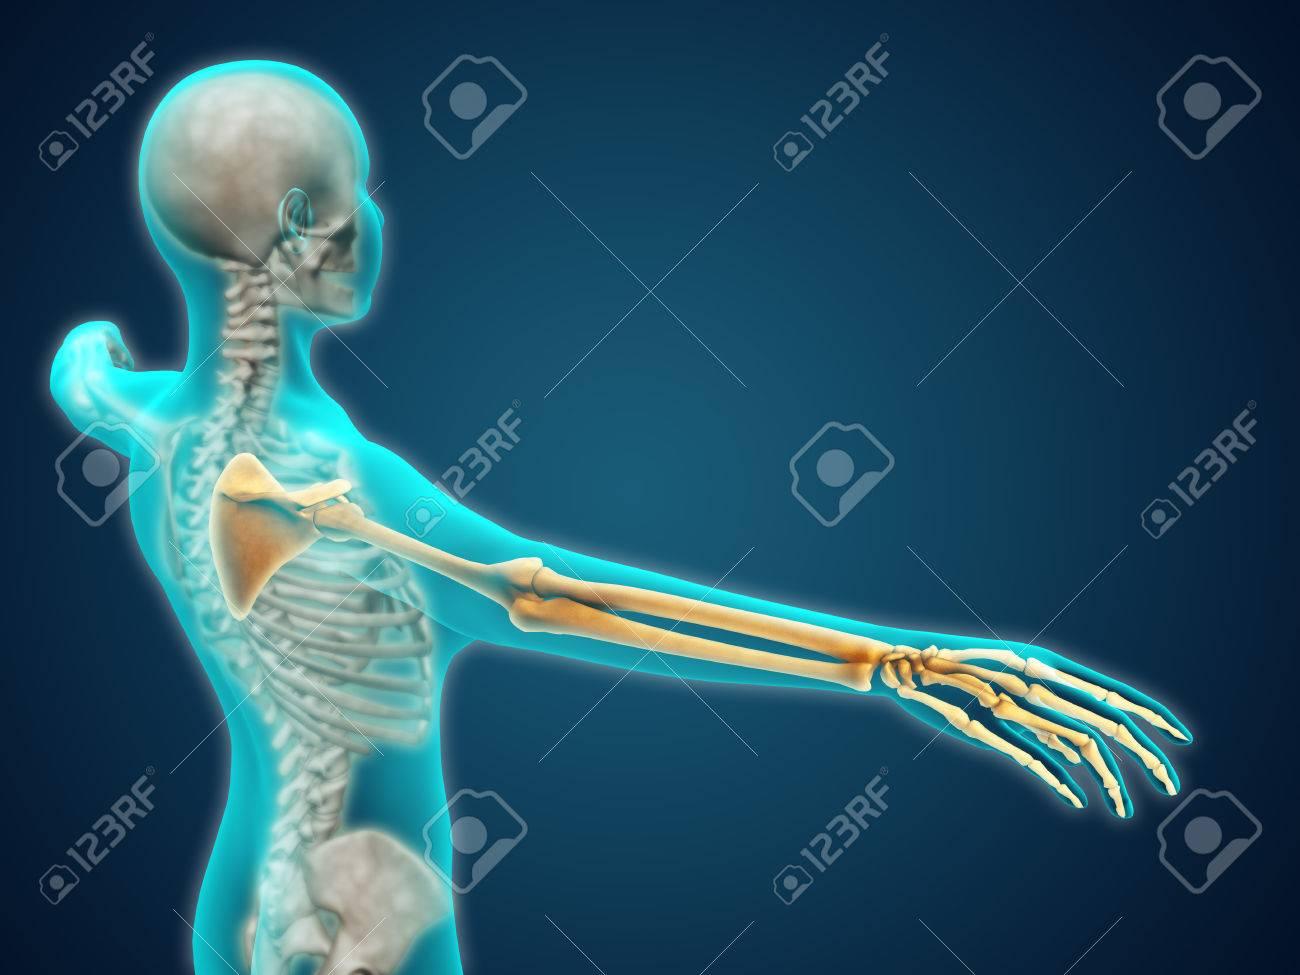 Röntgenaufnahme Des Menschlichen Körpers Zeigt Skelettknochen In Arm ...